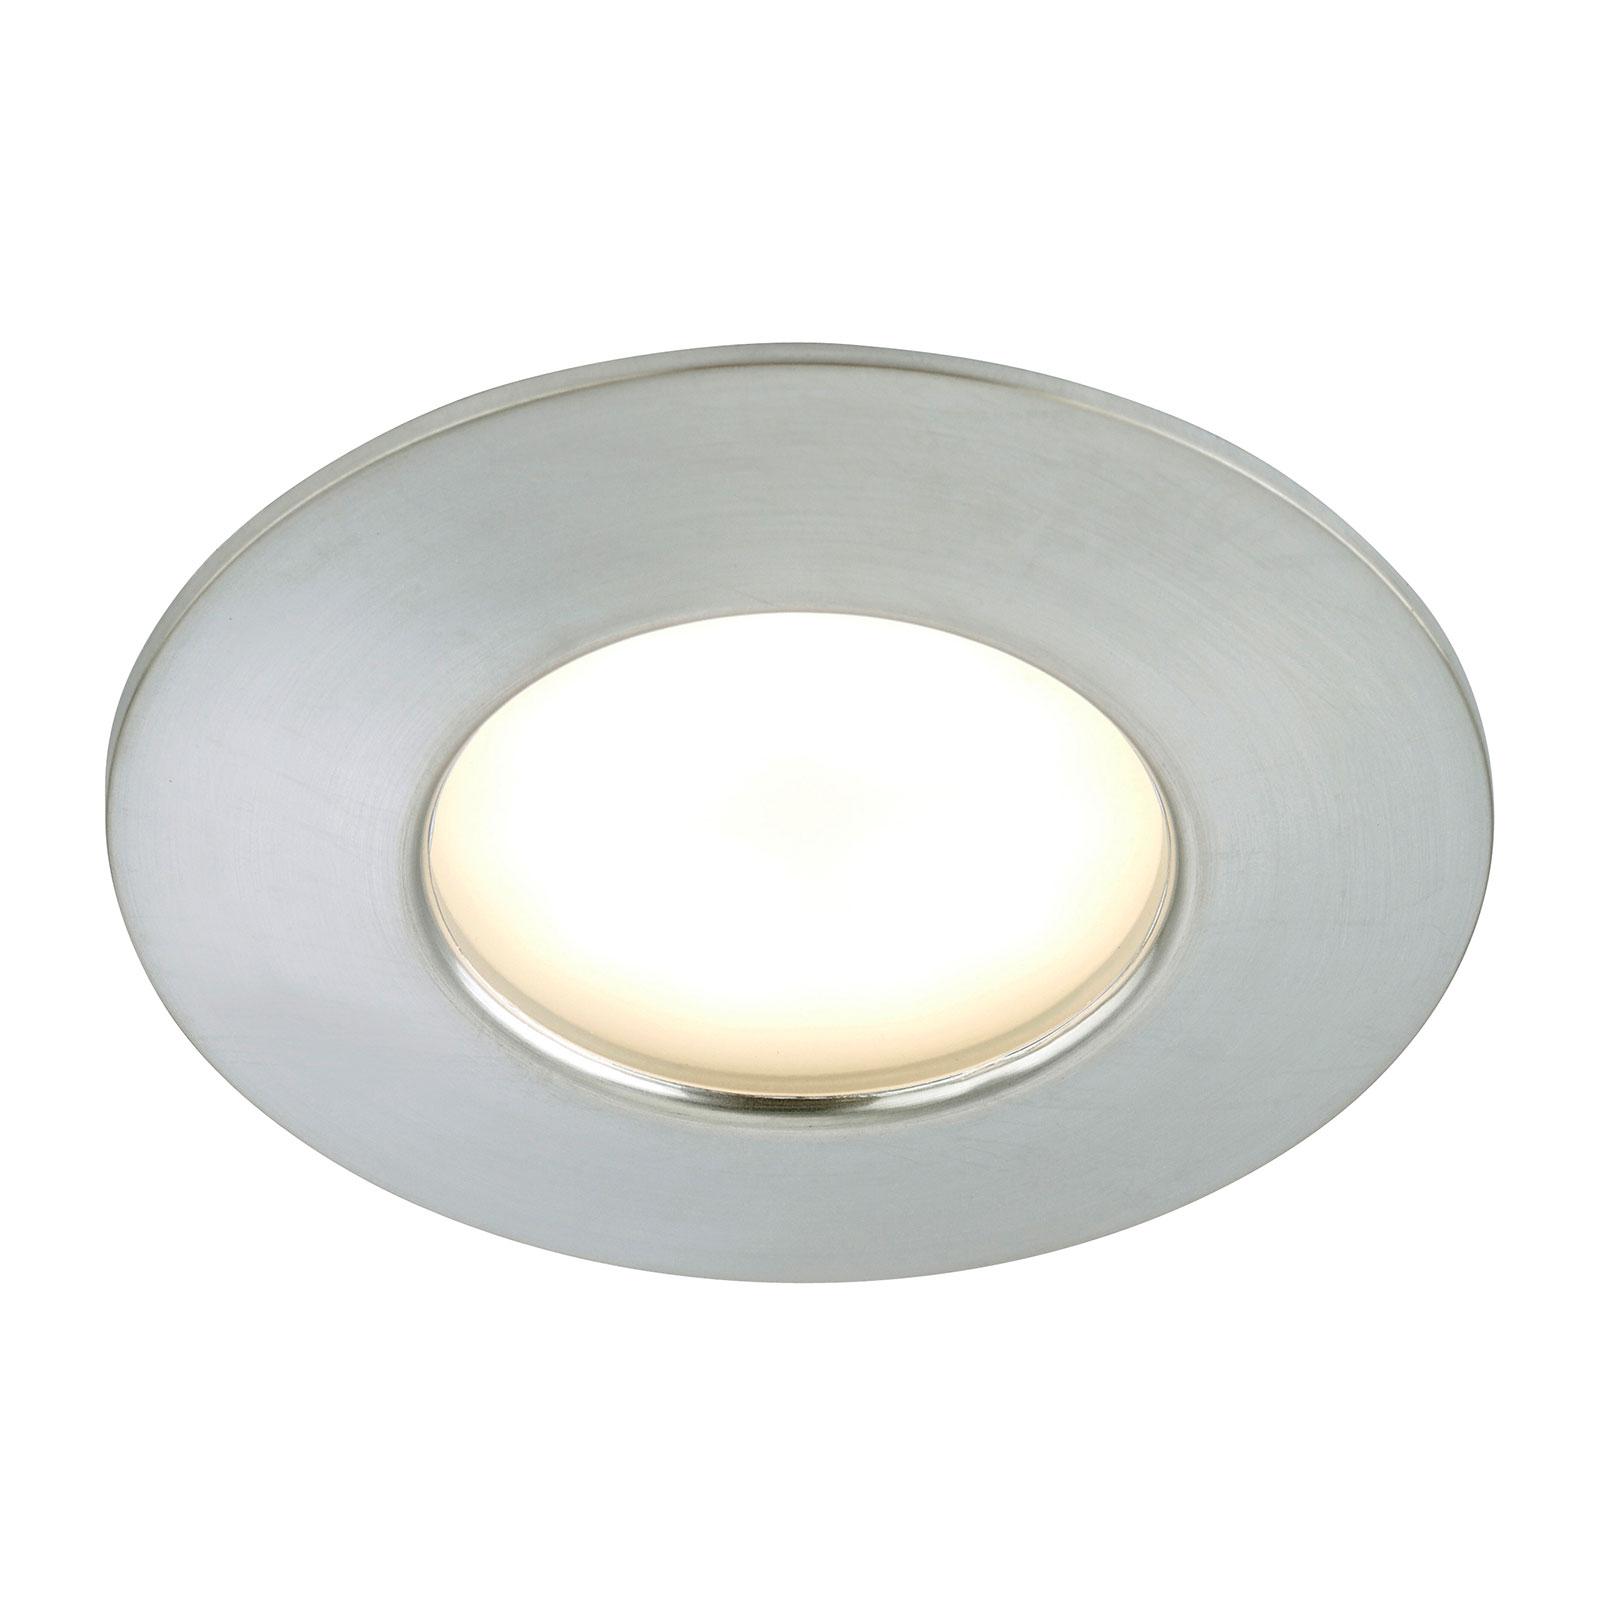 Lámpara empotrada LED Felia color aluminio, IP44